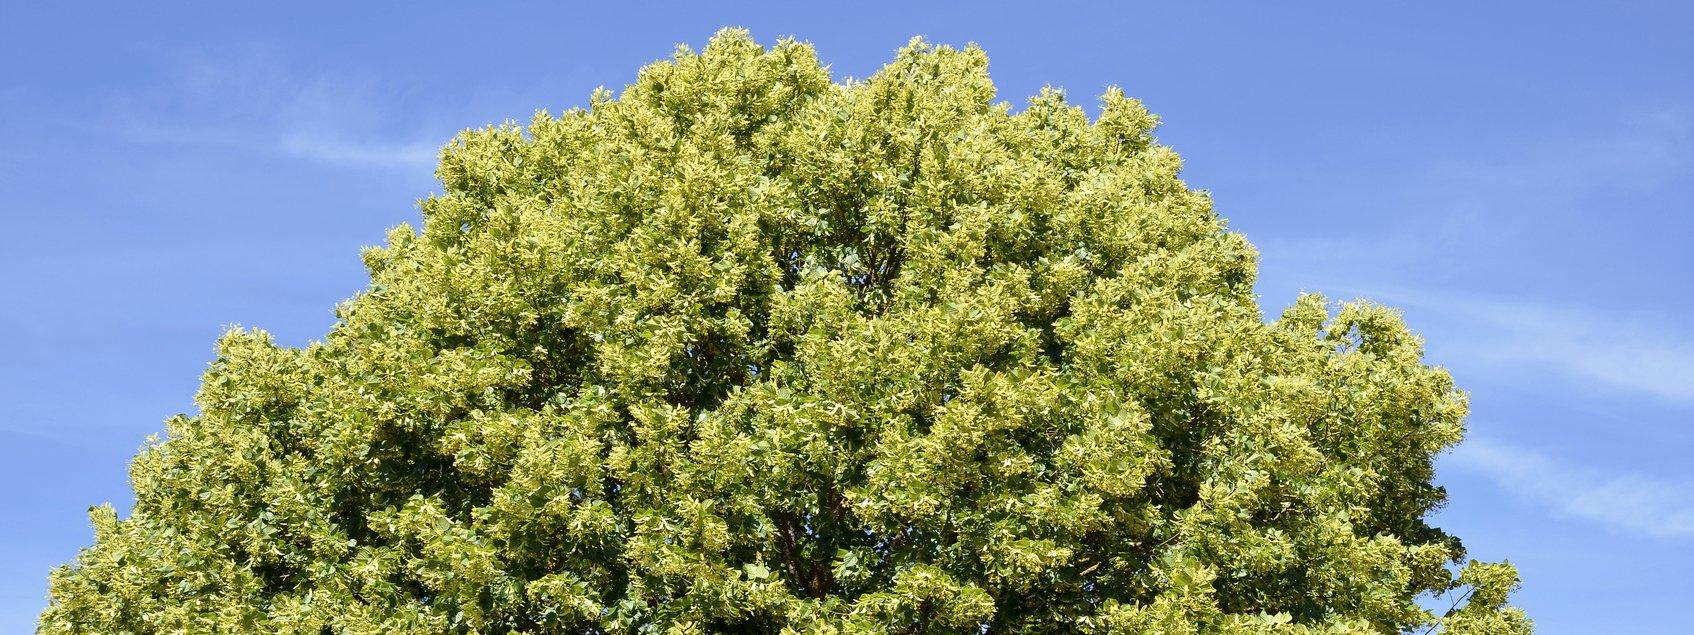 Acero Radici Invasive alberi per giardino: ecco cinque a crescita rapida più